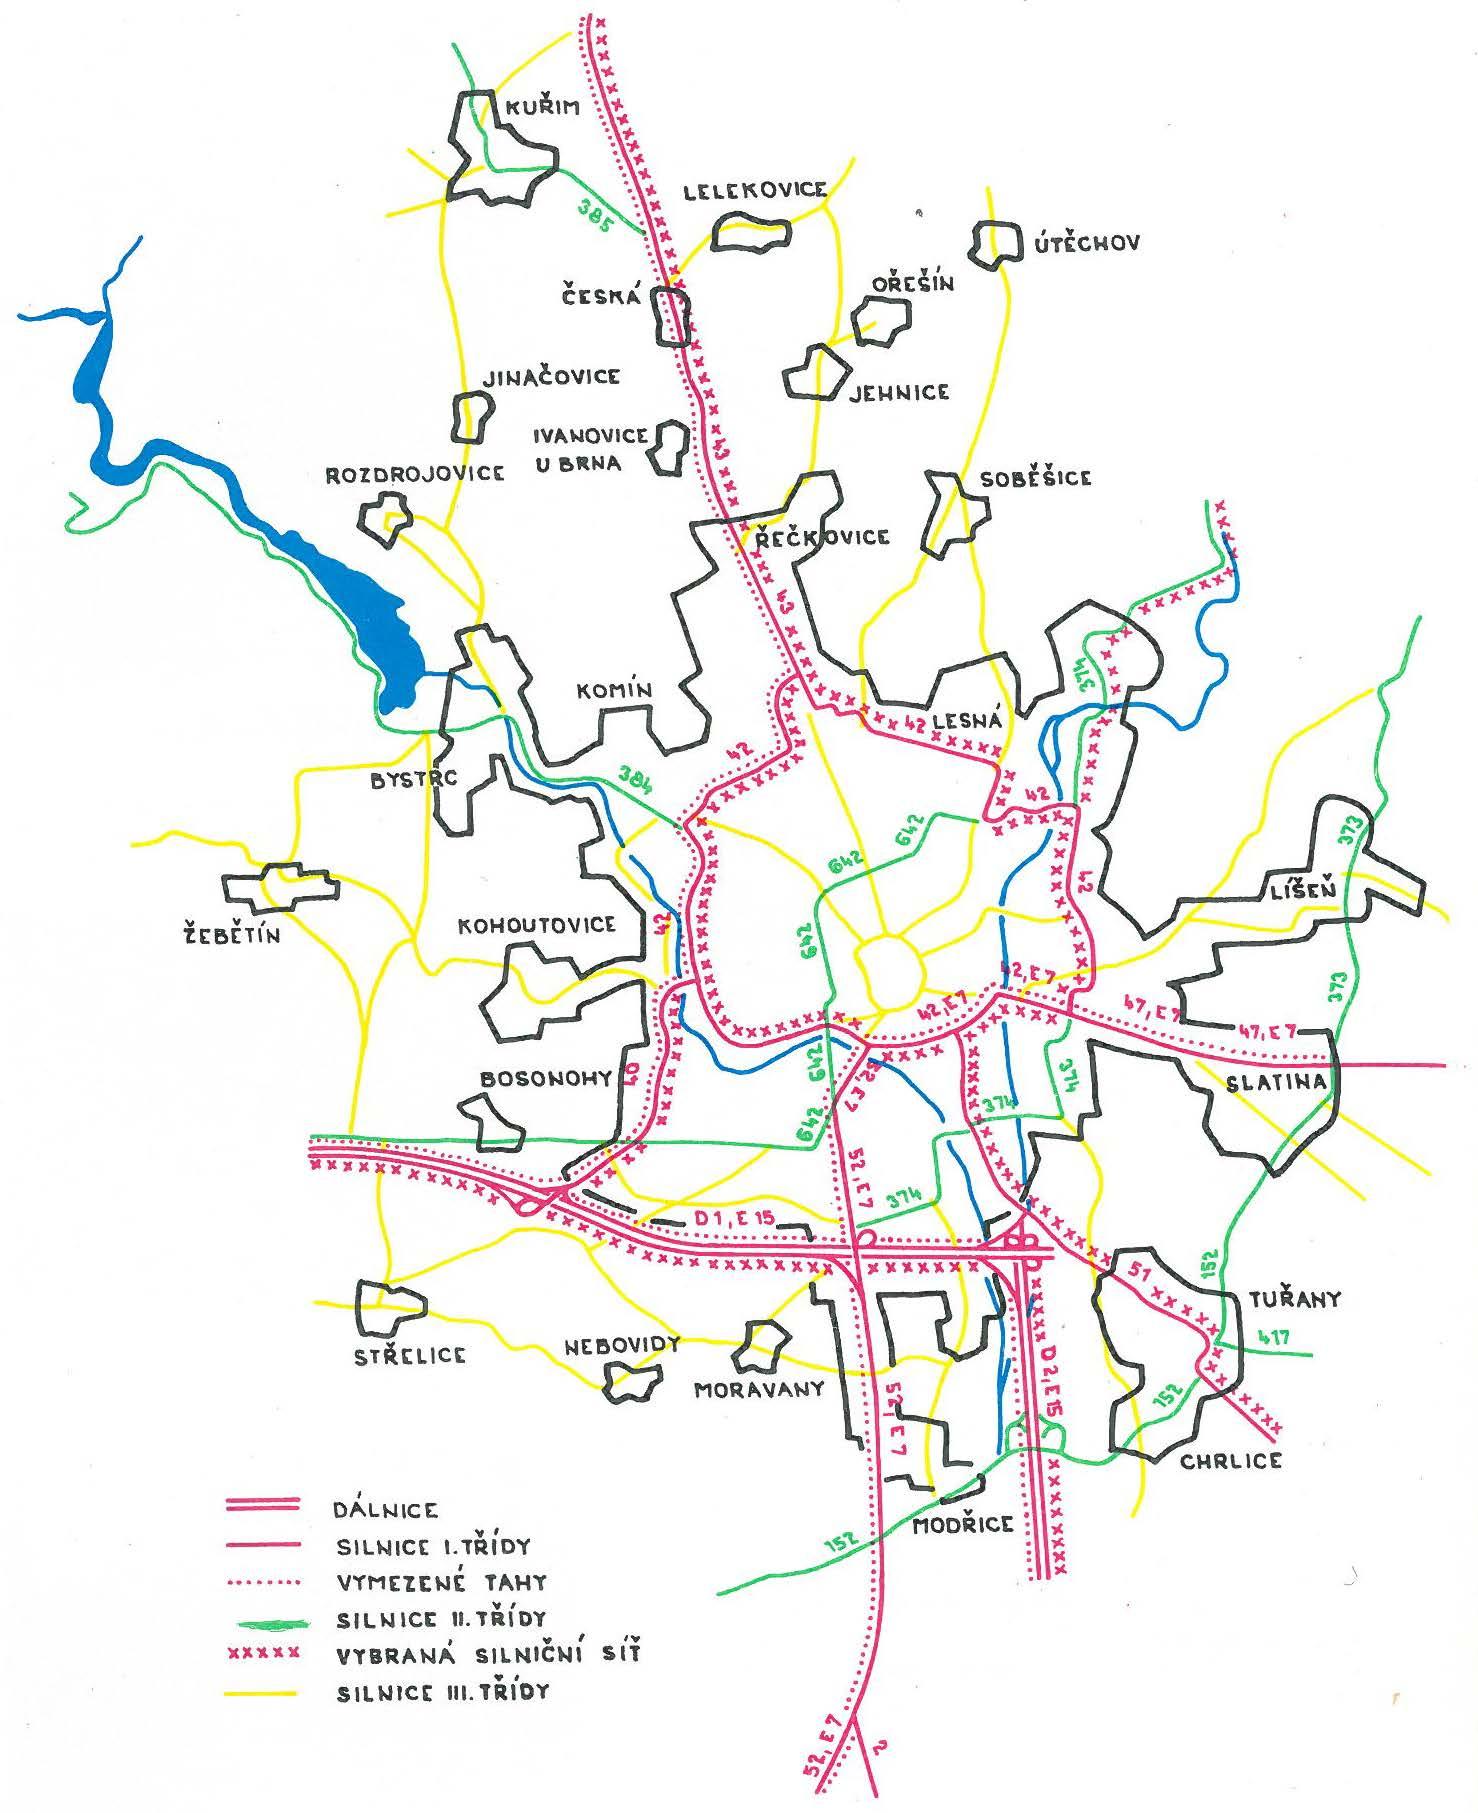 Plán hlavních silnic na území Brna z roku 1979